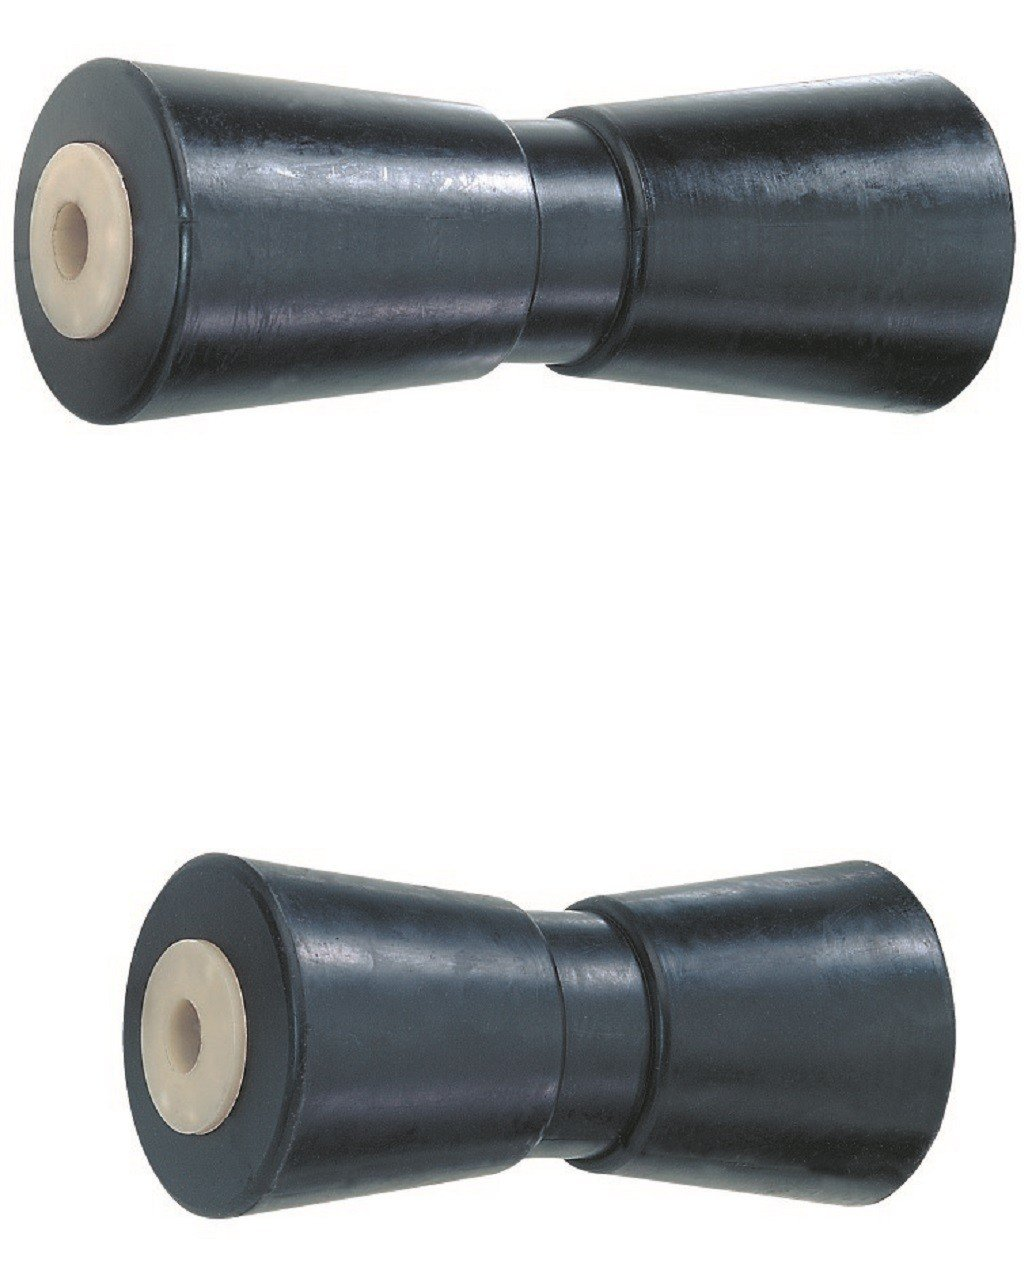 V-kielroller 200 mm